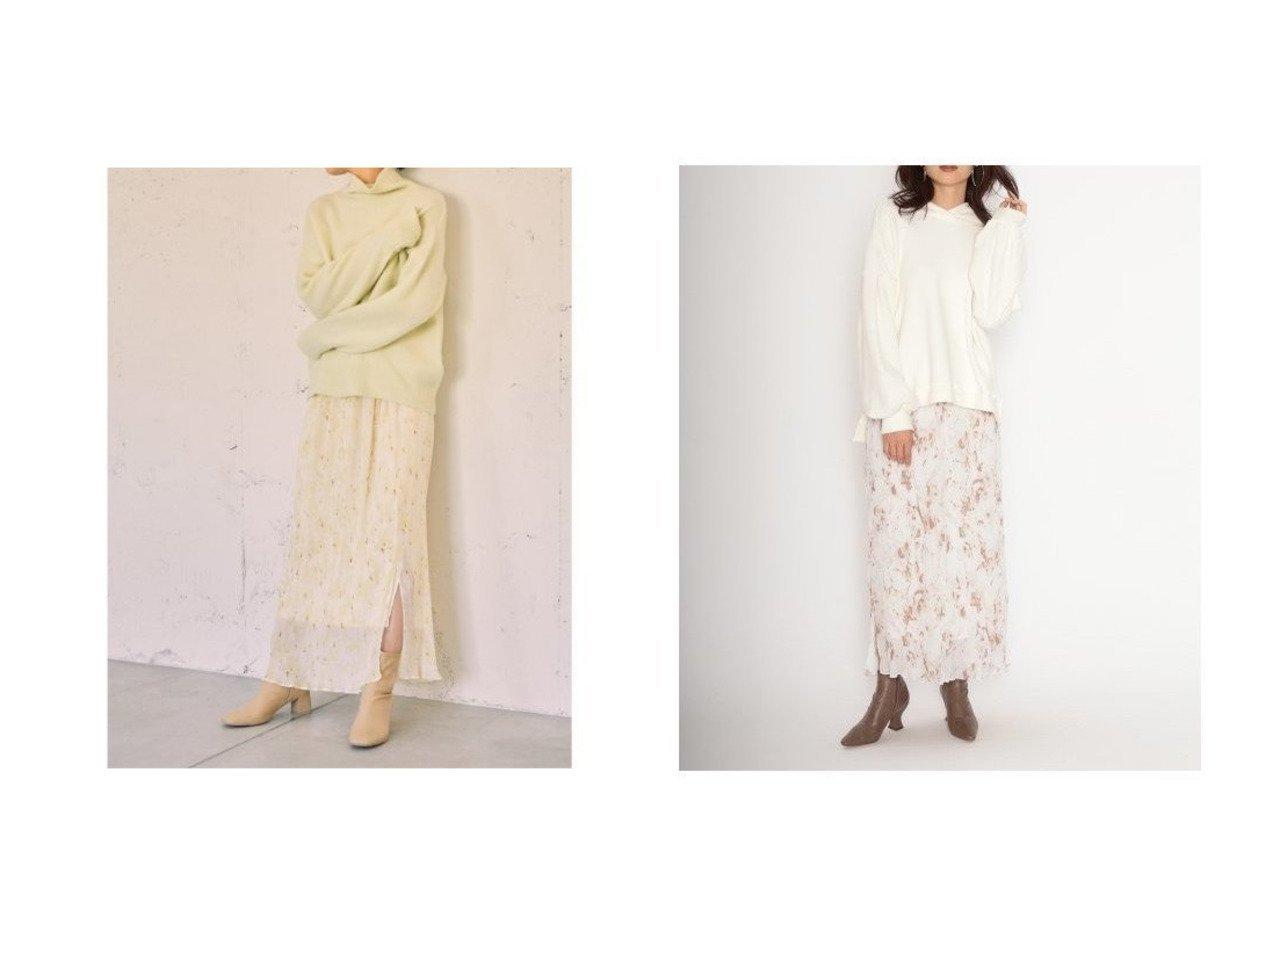 【SNIDEL/スナイデル】のシフォンプリーツプリントタイトスカート スカートのおすすめ!人気、トレンド・レディースファッションの通販 おすすめで人気の流行・トレンド、ファッションの通販商品 メンズファッション・キッズファッション・インテリア・家具・レディースファッション・服の通販 founy(ファニー) https://founy.com/ ファッション Fashion レディースファッション WOMEN スカート Skirt イエロー 春 Spring シフォン スマート スリット プリント プリーツ ミックス ロング A/W 秋冬 AW Autumn/Winter / FW Fall-Winter |ID:crp329100000014670